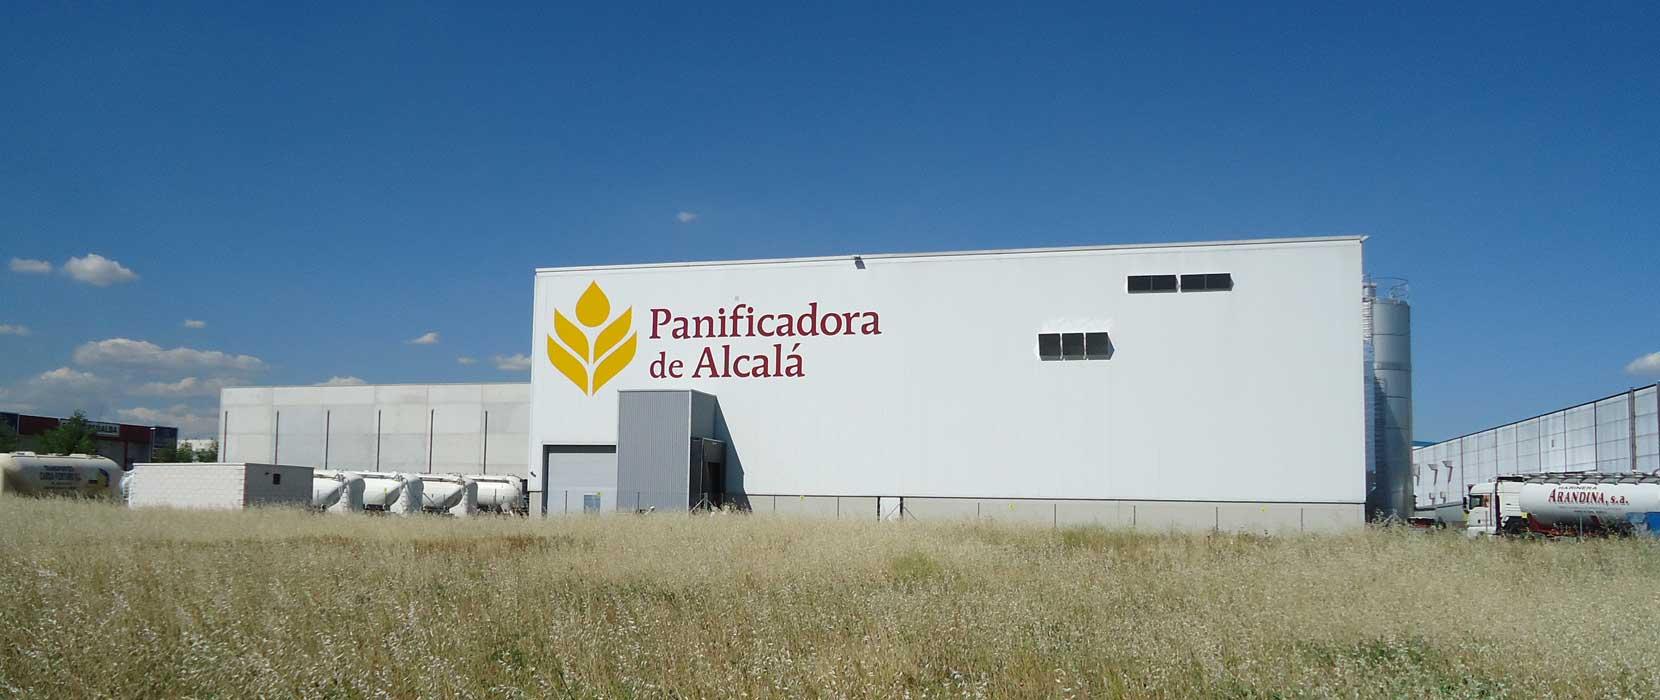 Panificadora de Alcalá